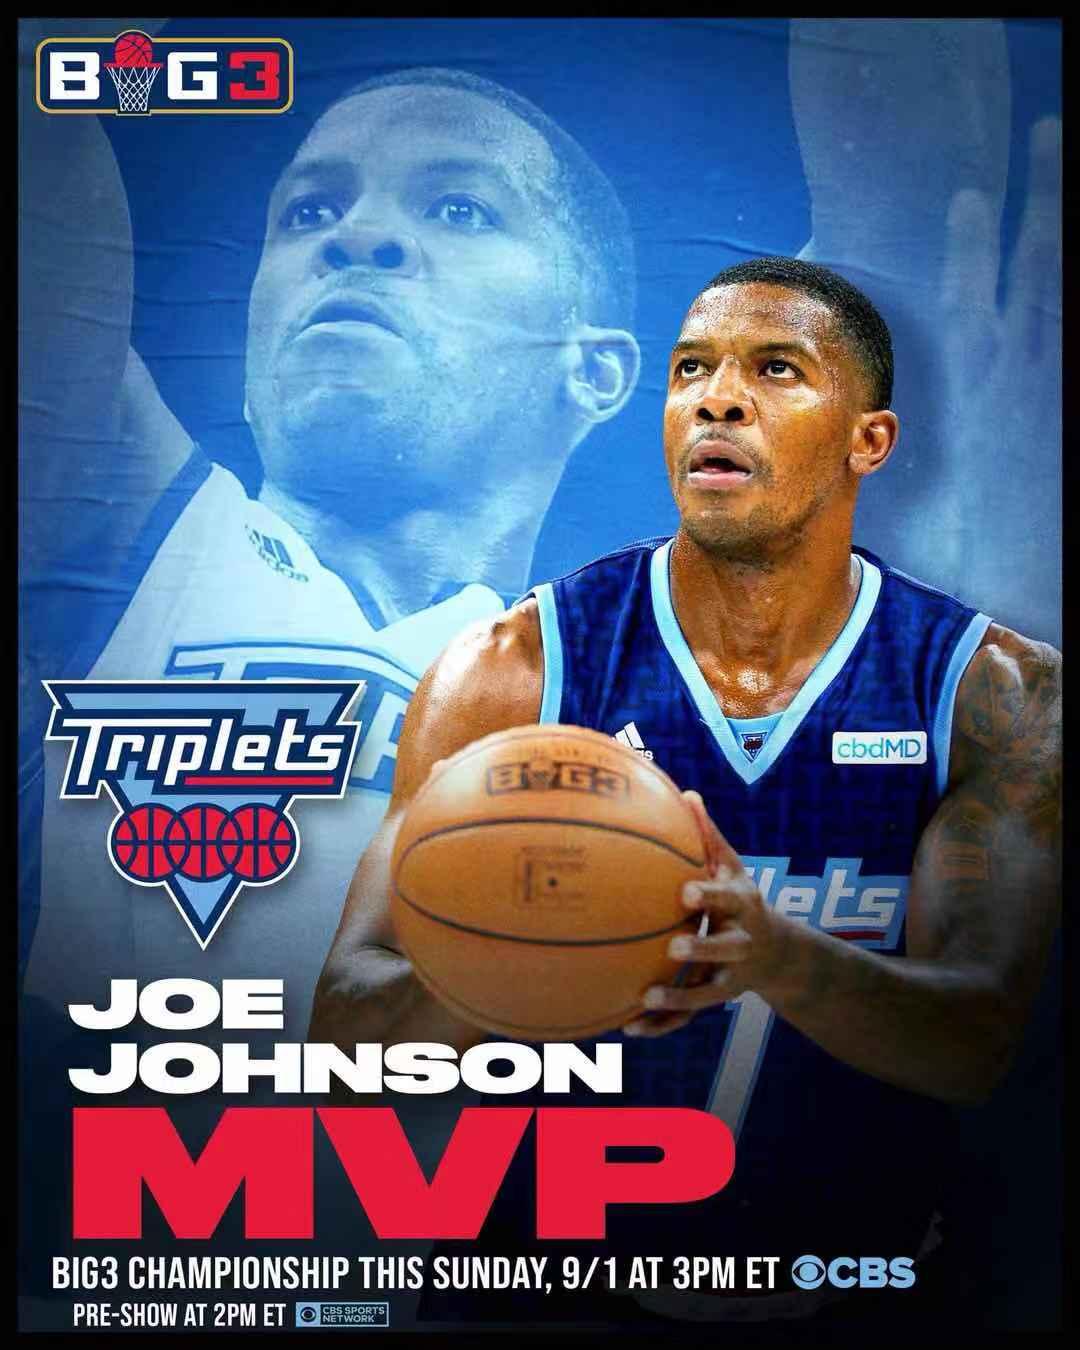 白曼巴:吾保证乔-约翰逊新赛季会在NBA打球